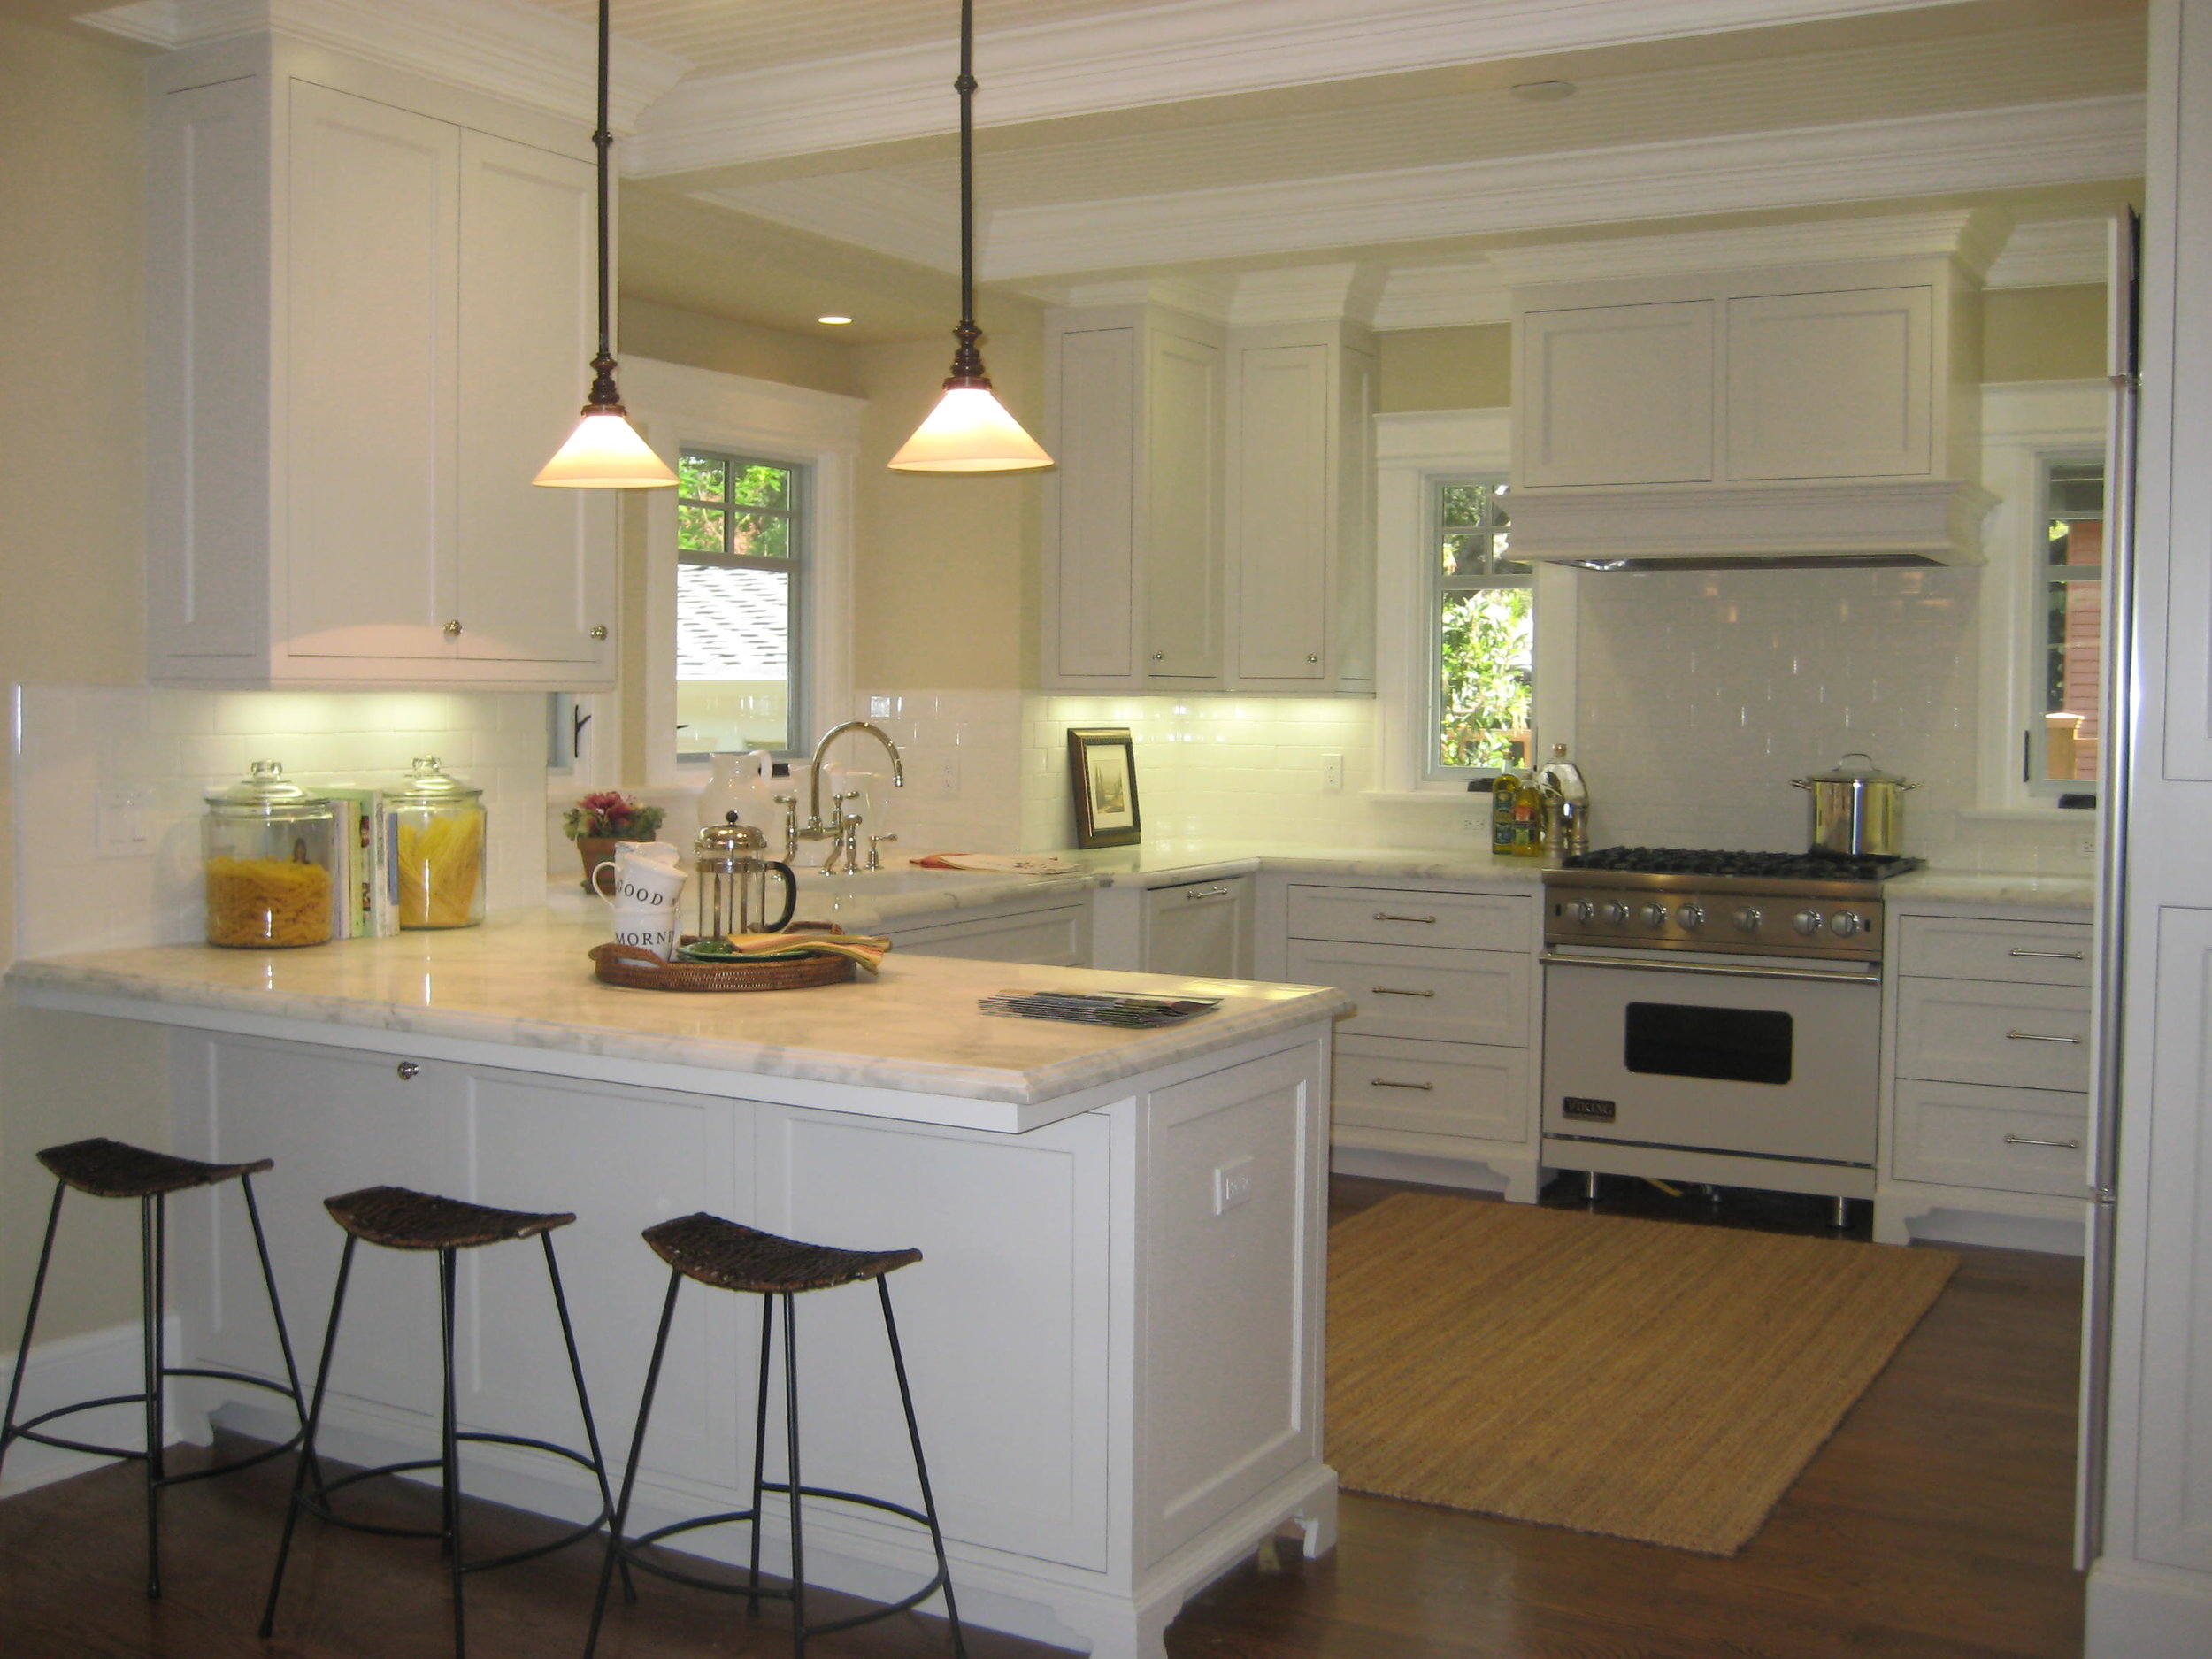 11-kitchen-new.JPG